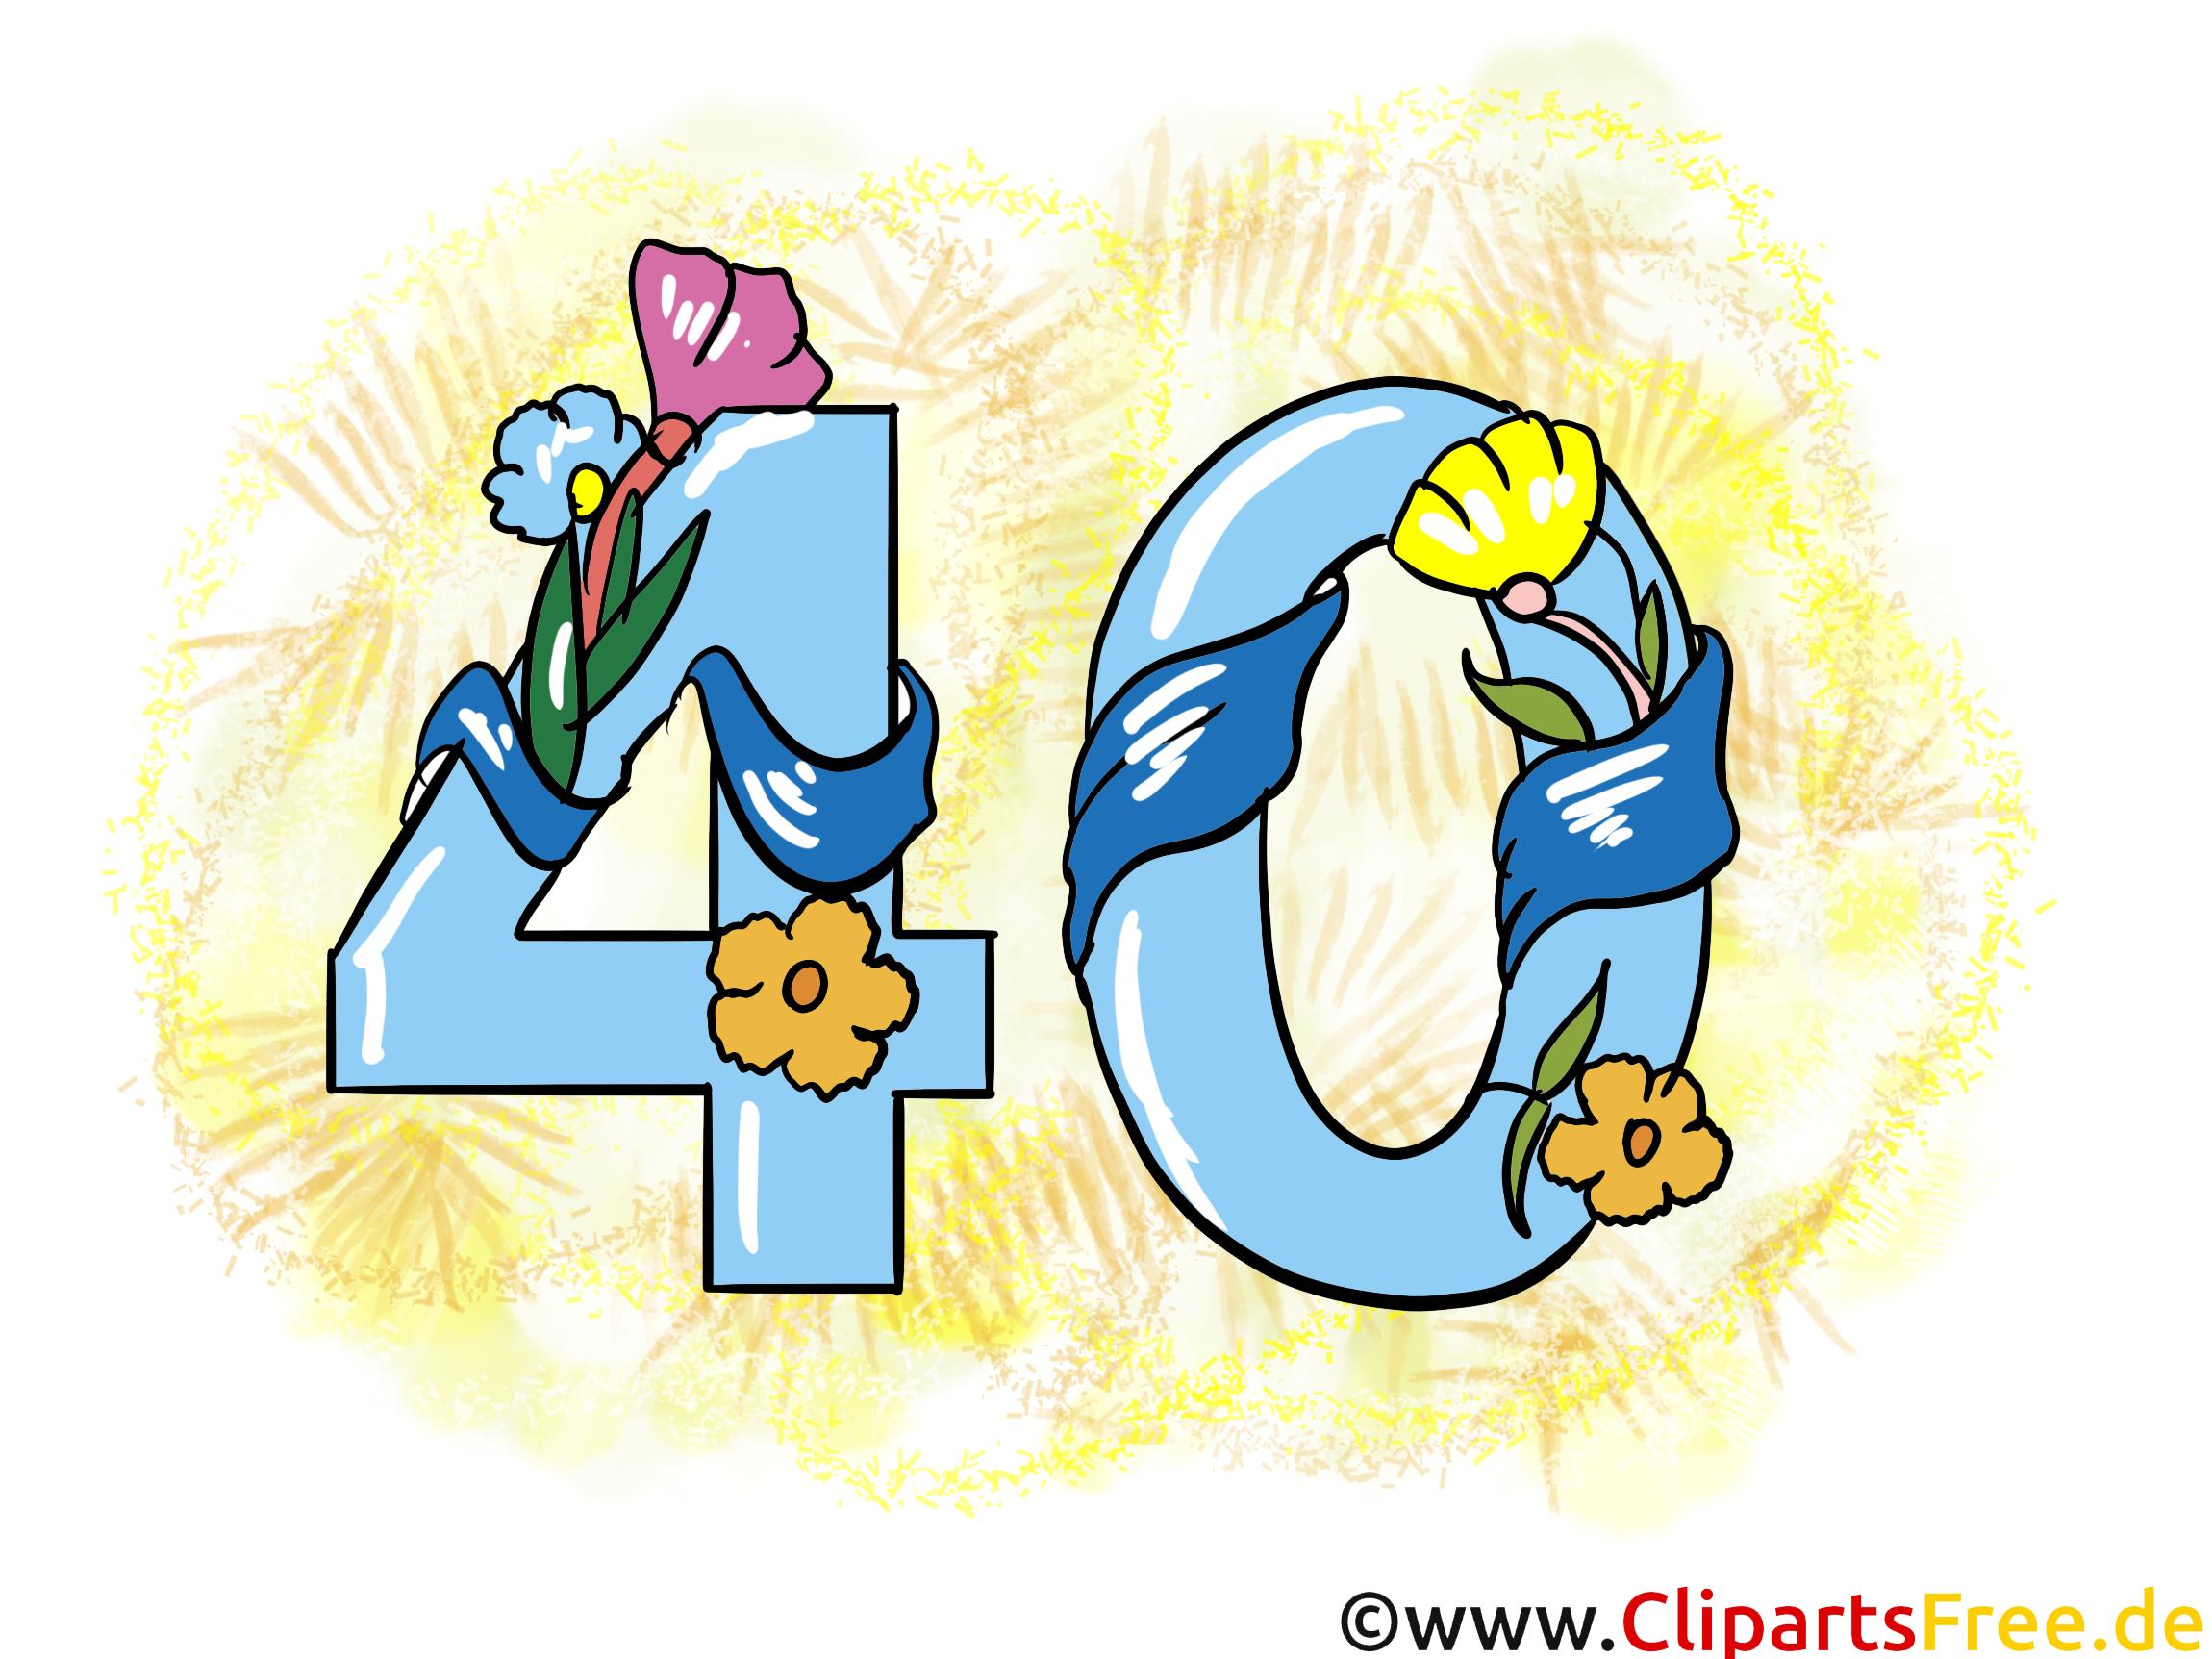 Clipart 50 geburtstag einladung banner free library Cliparts Geburtstag Einladung   epagini.info banner free library